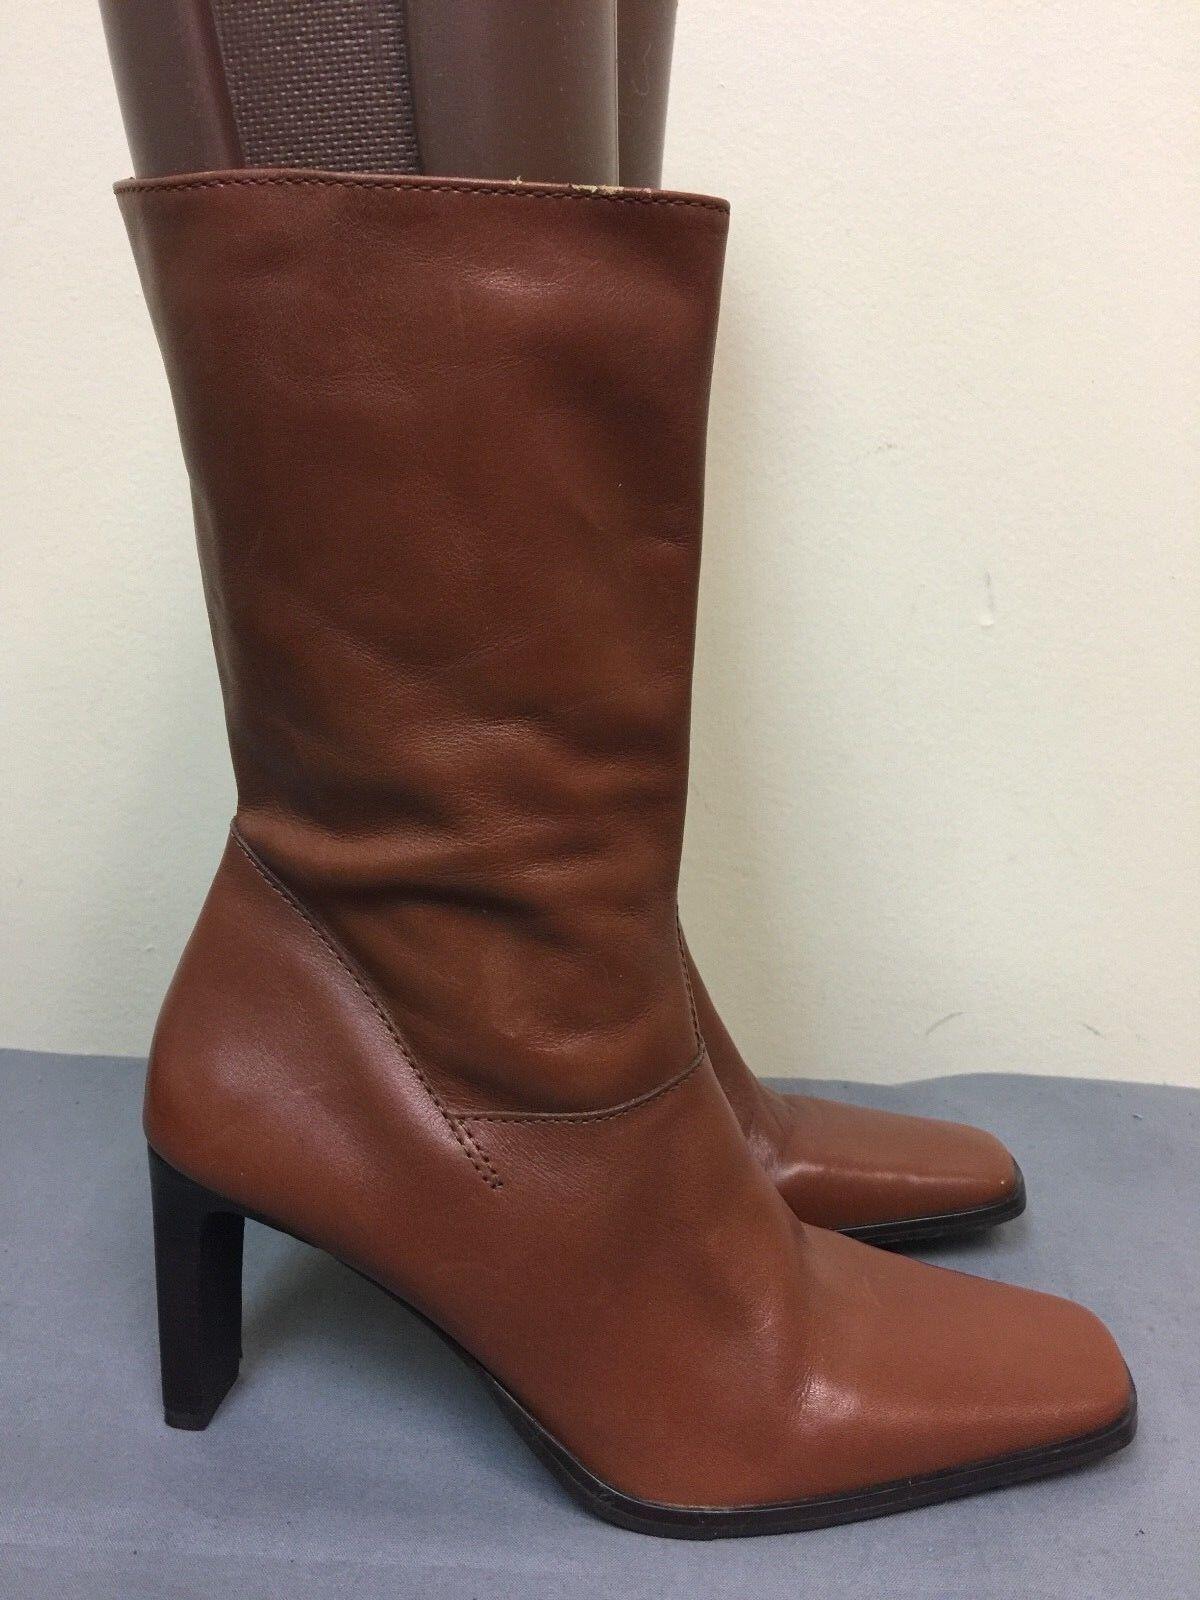 Parade women High Heel Brown mid calf Boots side Zipper Size 8